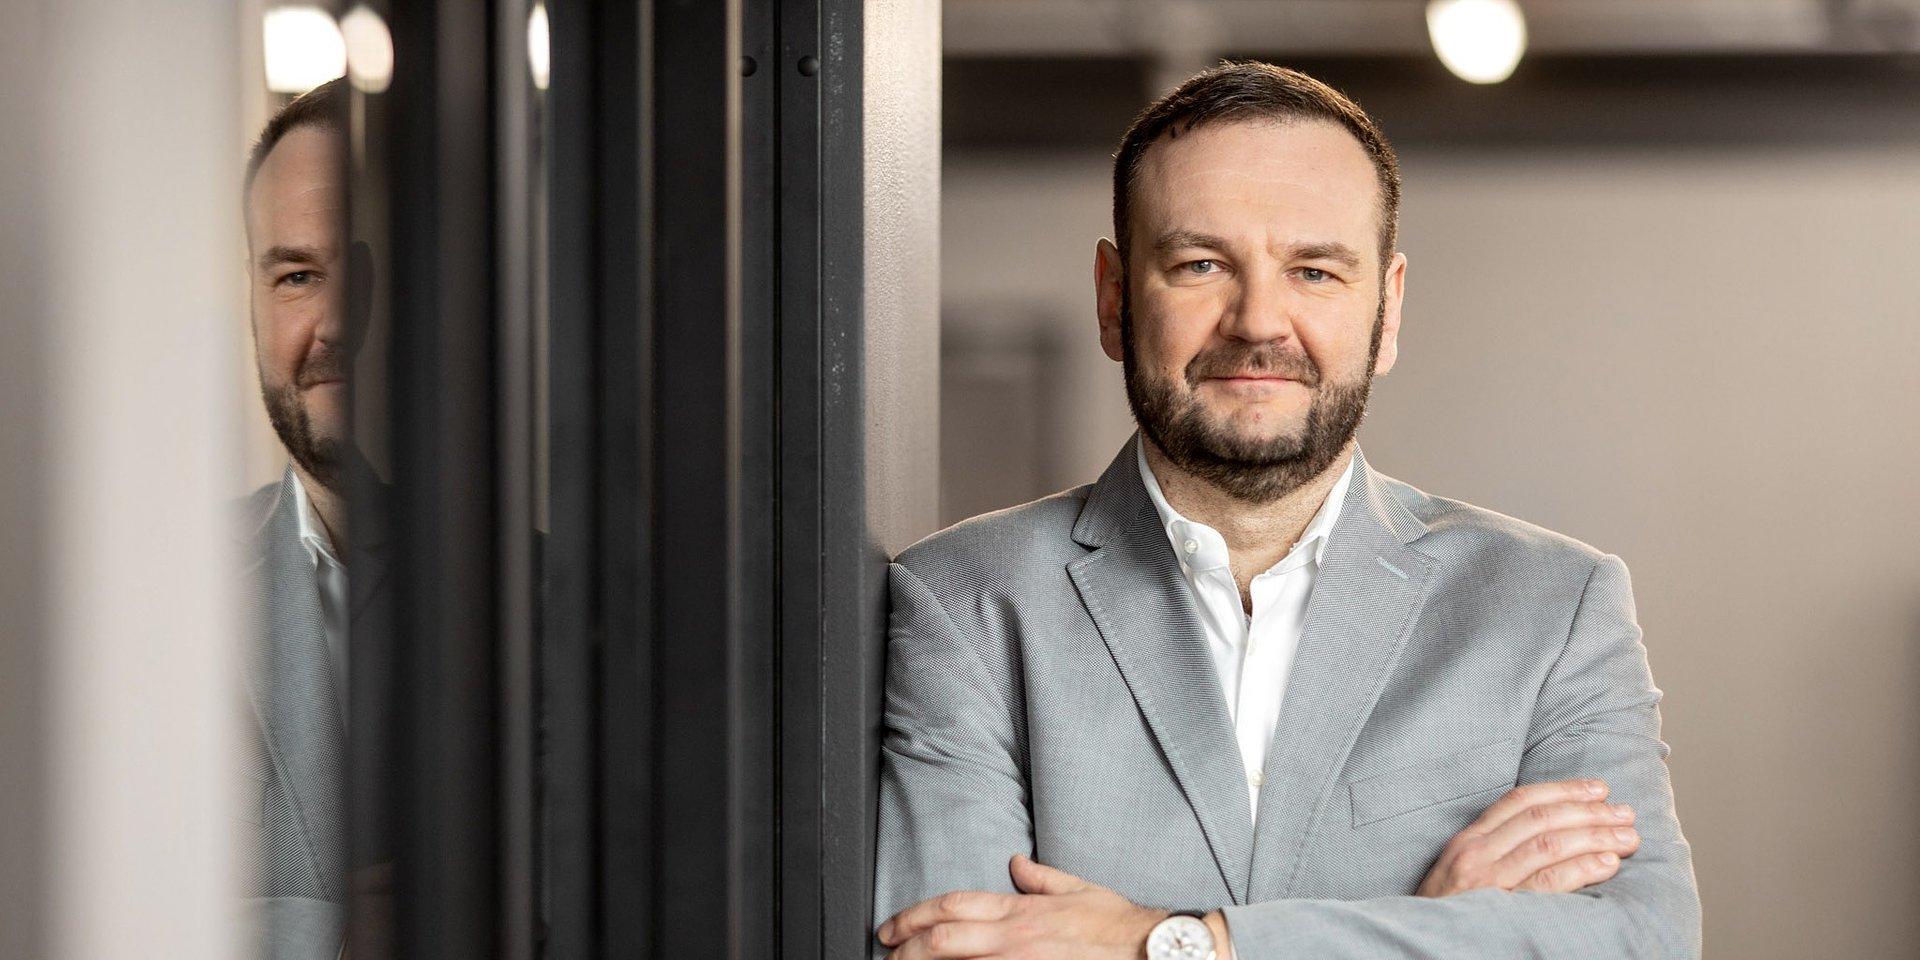 ekonomia, turystyka: dr hab. Daniel Puciato, prof. WSB